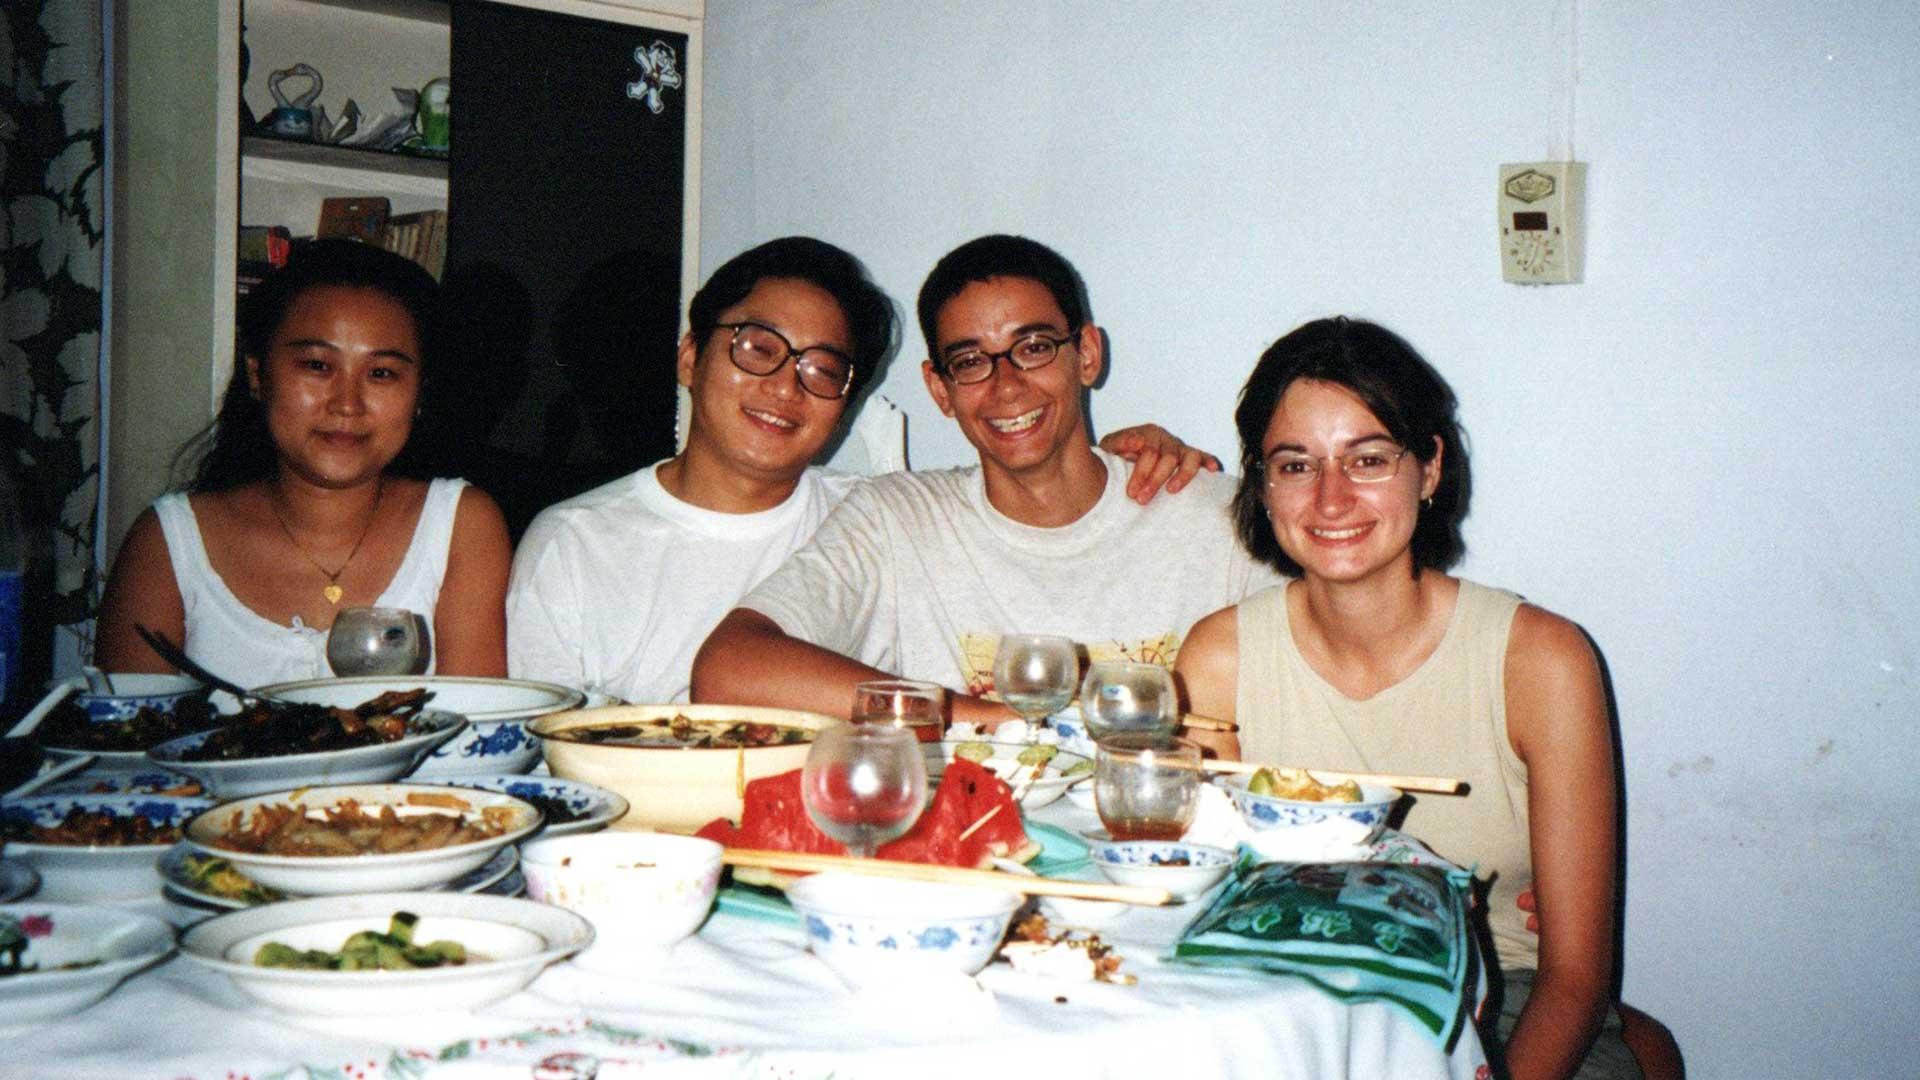 Emprendre a Xina fa 20 anys